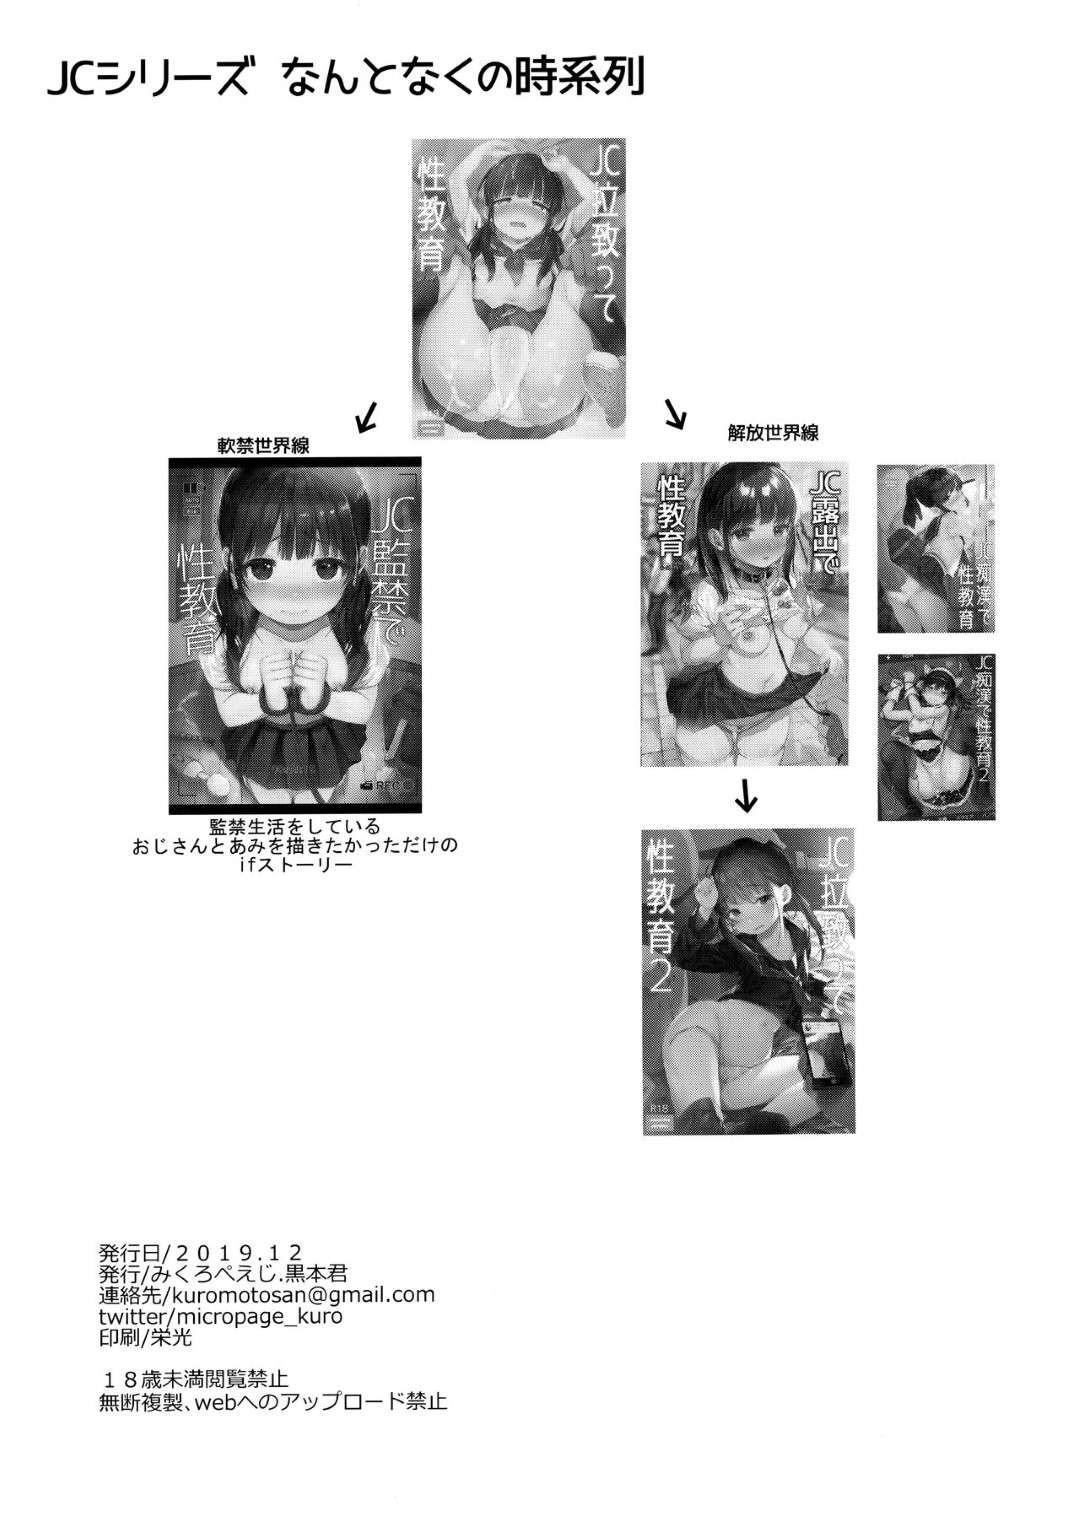 【エロ同人誌】変態キモ豚男に監禁されて毎日調教レイプされる美少女JC。ハメ撮り配信を強要されて体操服や制服姿で犯されまくり連続中出しお仕置きレイプで雌奴隷堕ち【オリジナル/C97】